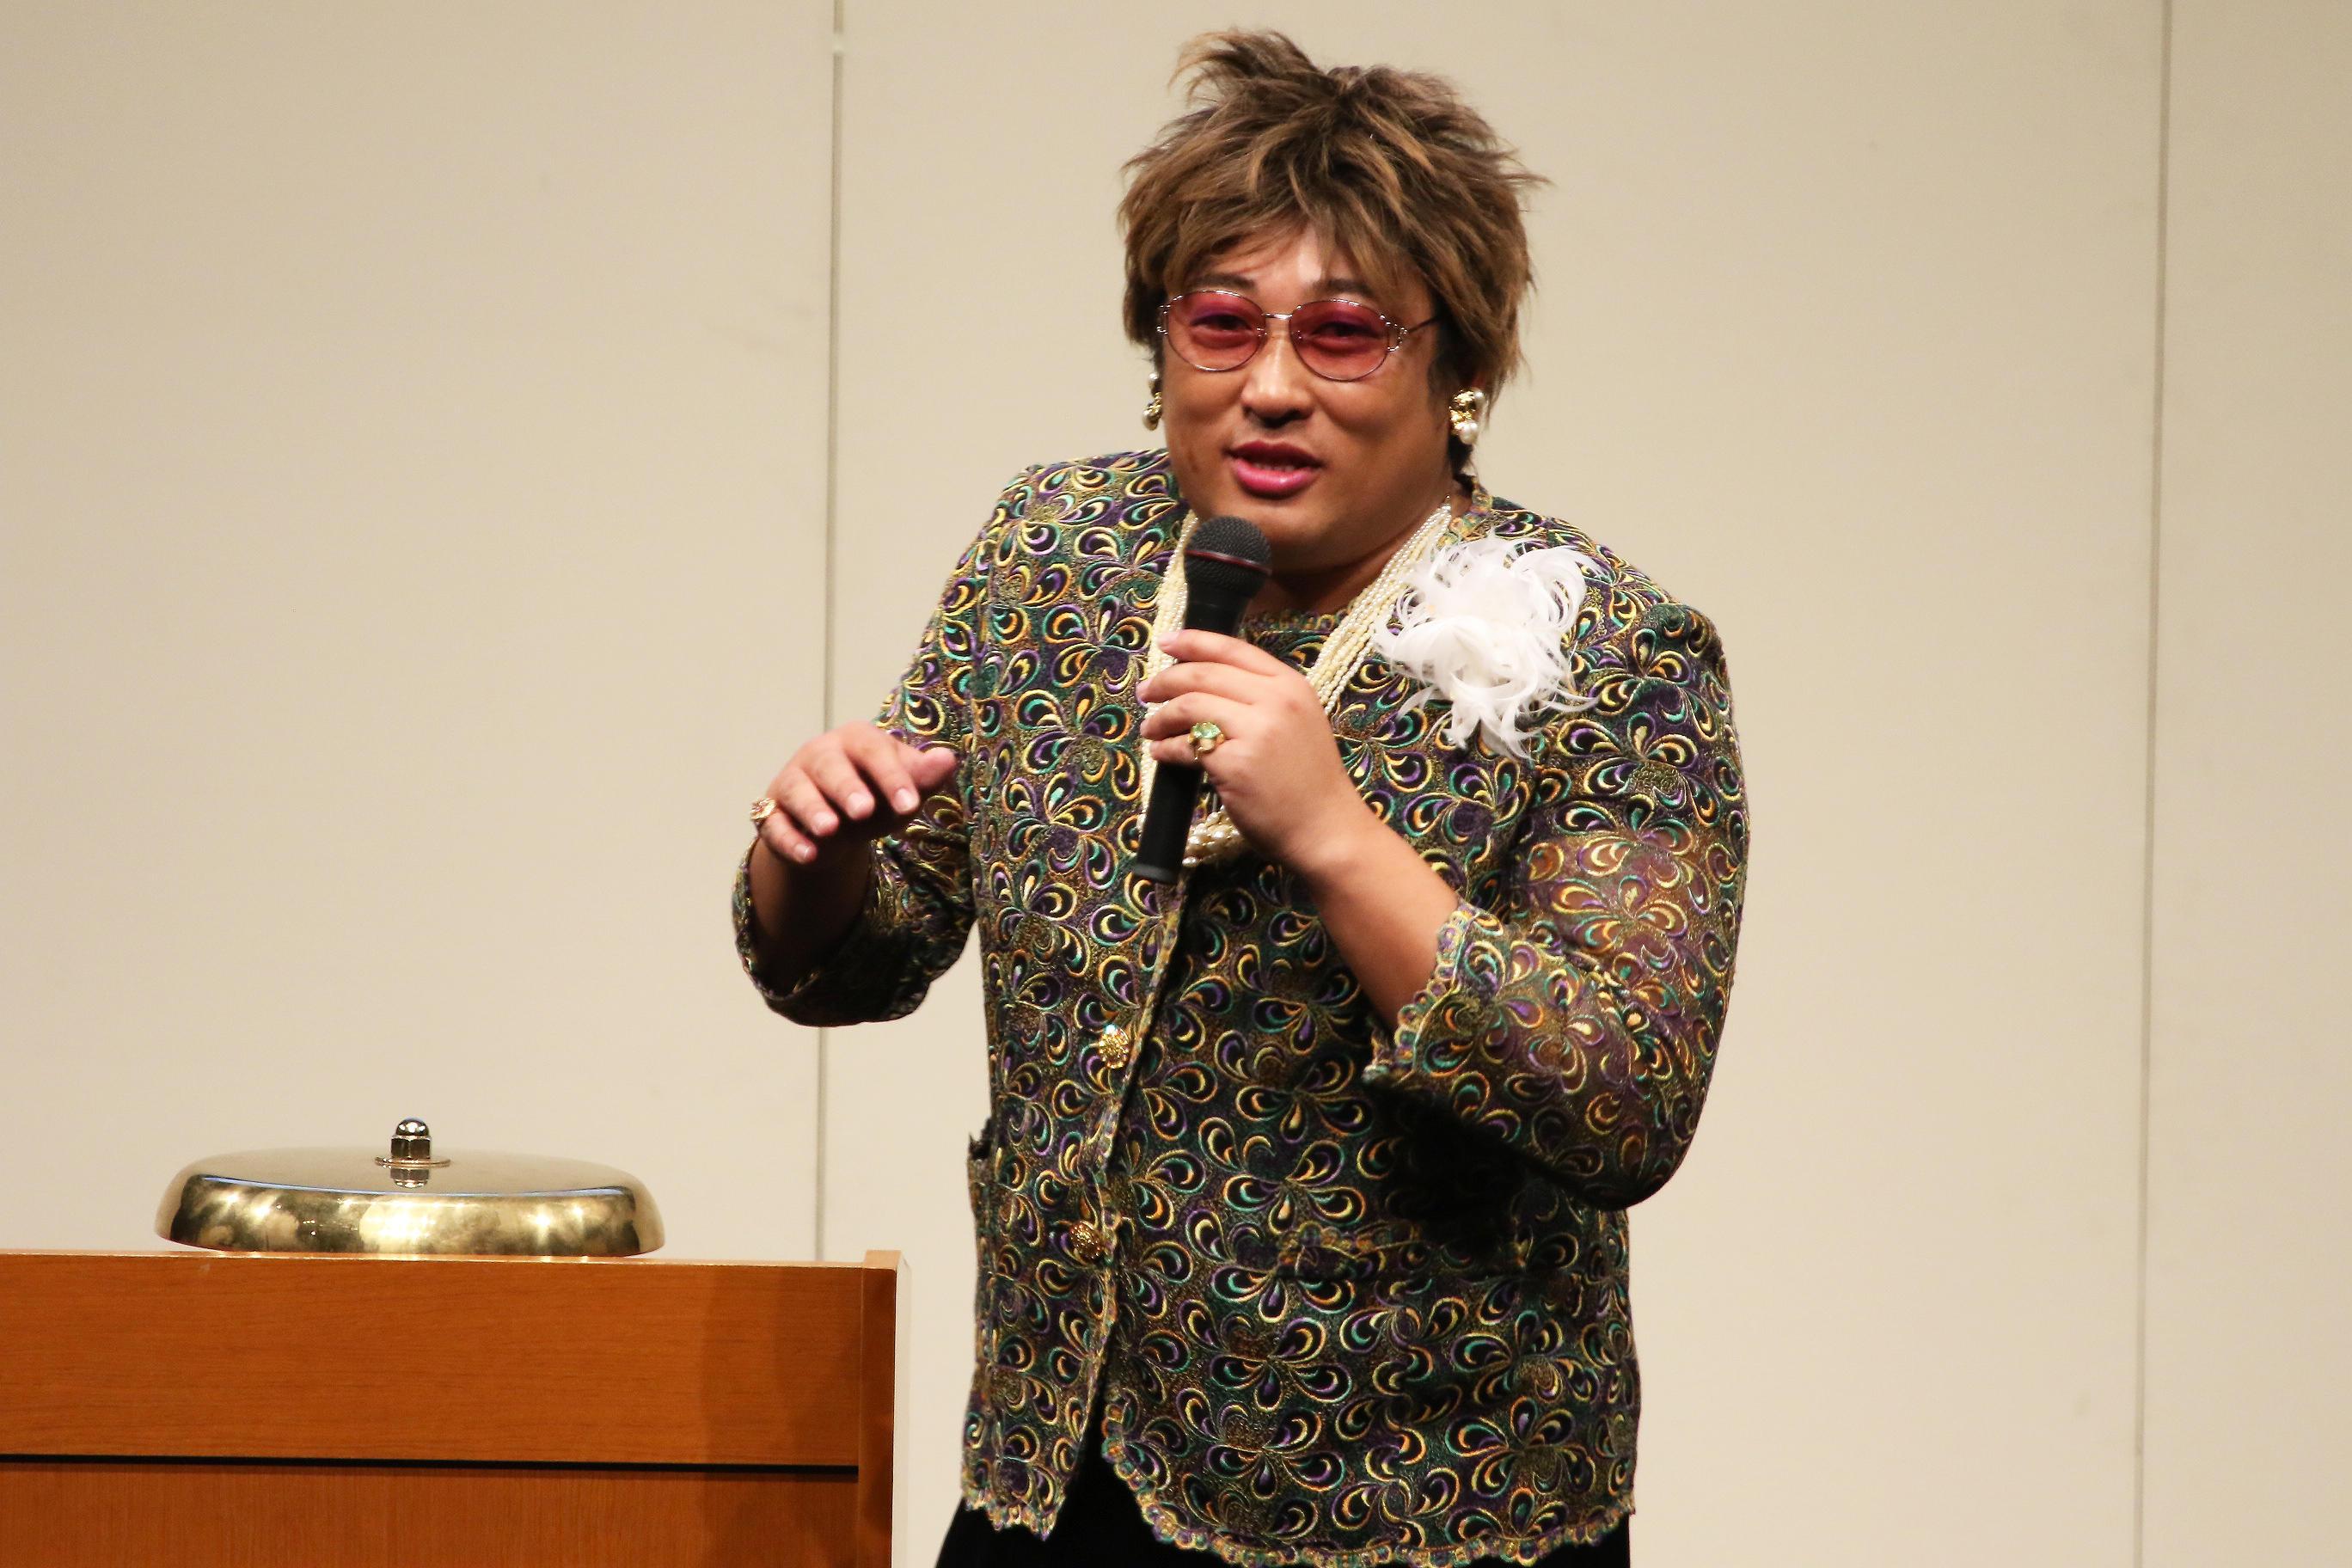 http://news.yoshimoto.co.jp/20190111102835-819fb43590127003f0d267b997d2133961ae8361.jpg